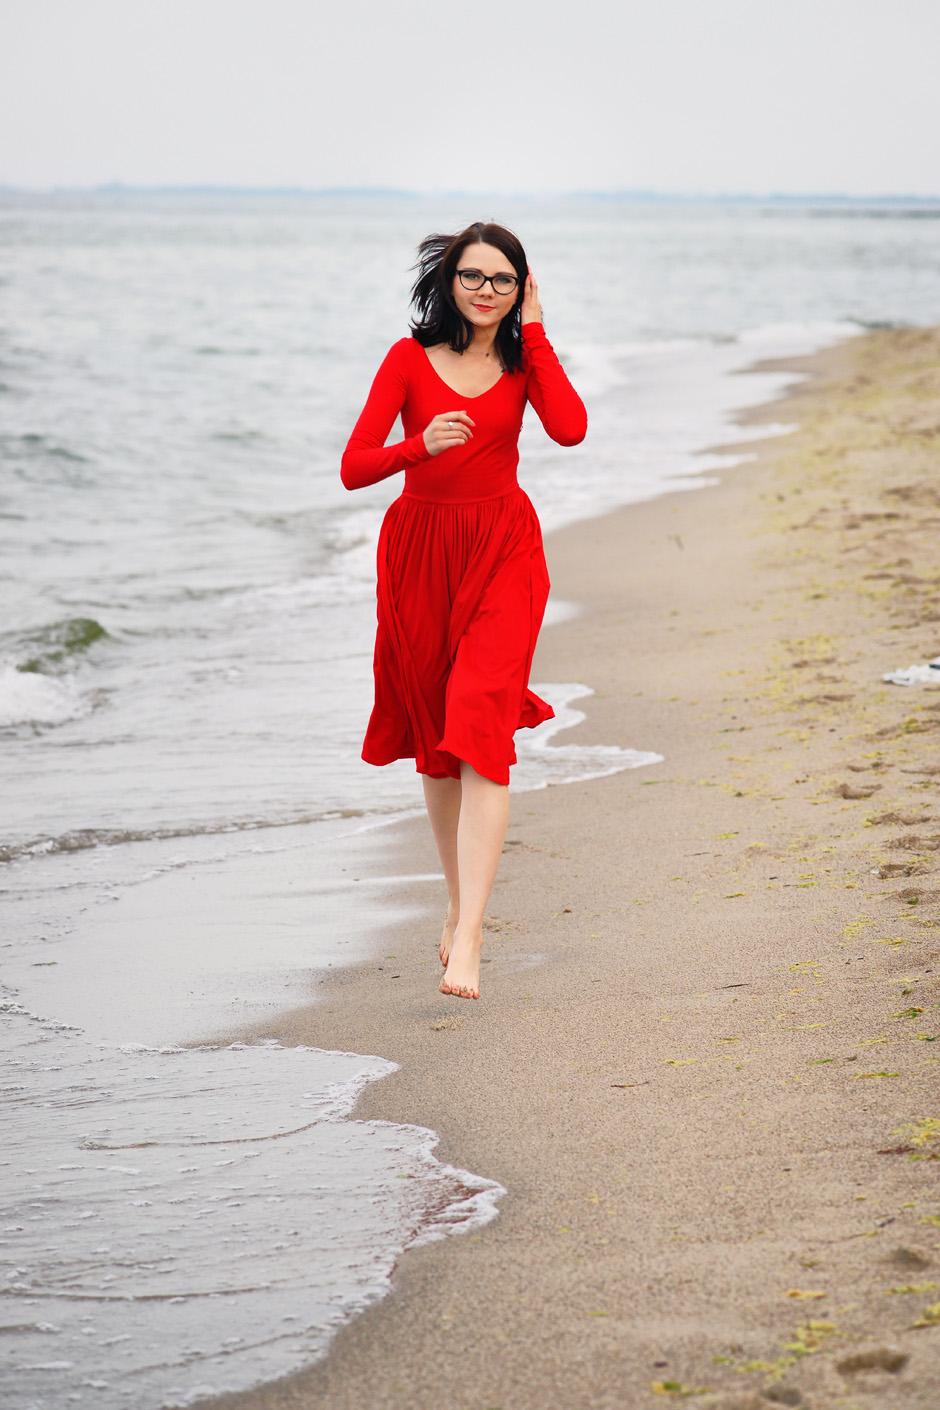 sukienka czerwona risk made in warsaw gotowa na wszystko, pudrowo różowe zaxy (14)